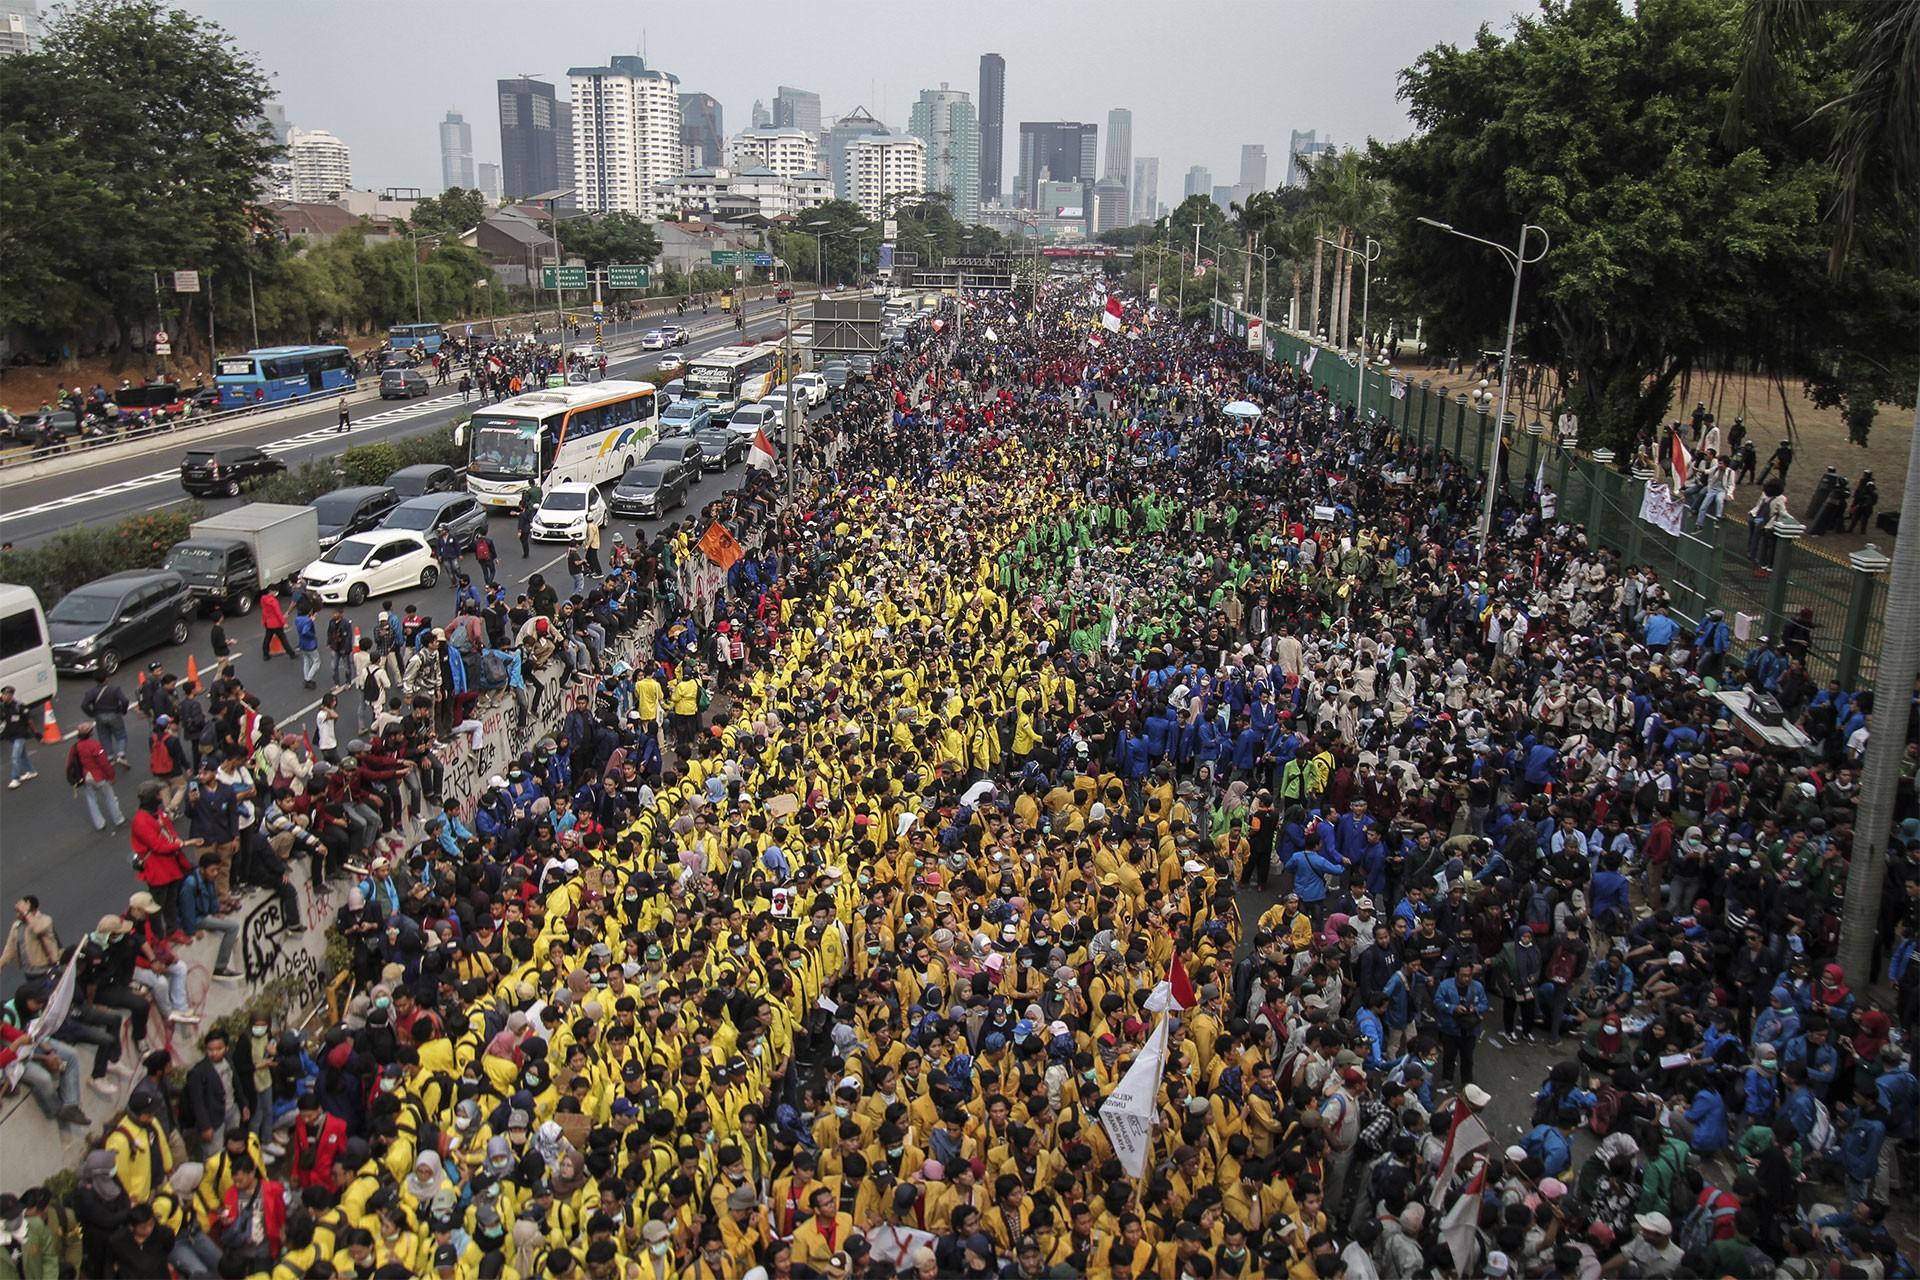 Endonezya'da ırkçılık karşıtı protestolarda en az 20 kişi öldü